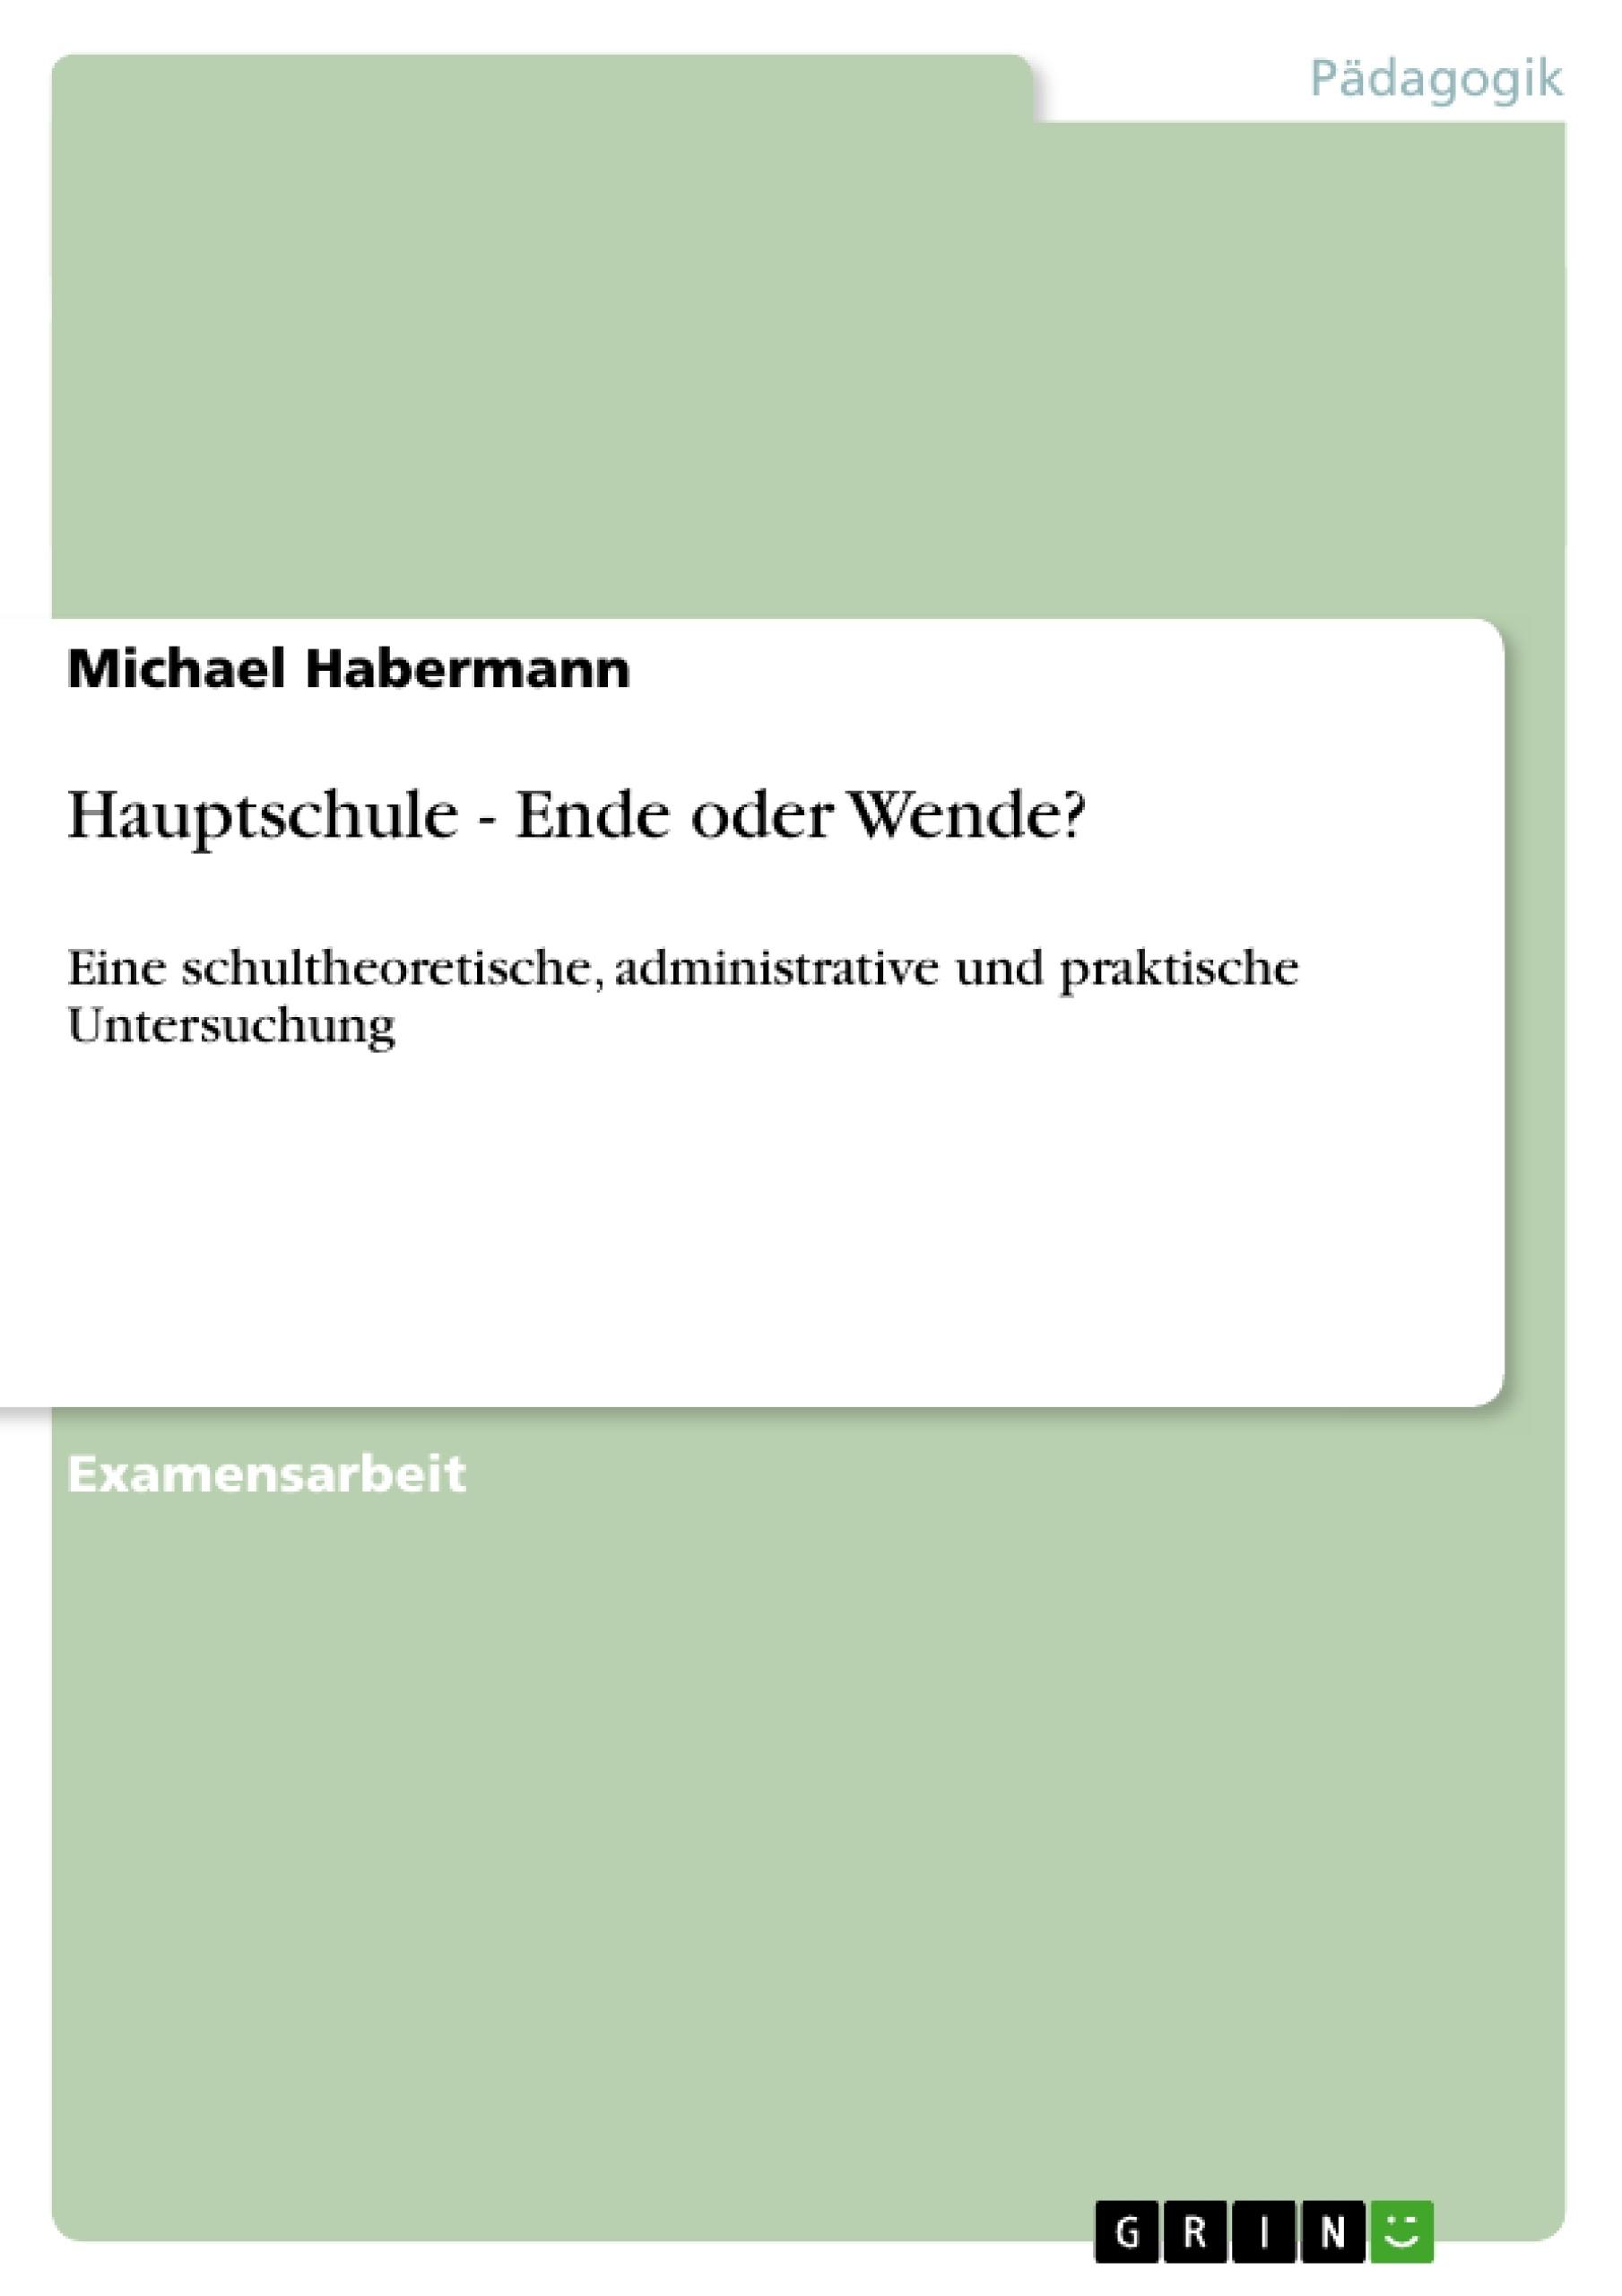 Titel: Hauptschule - Ende oder Wende?